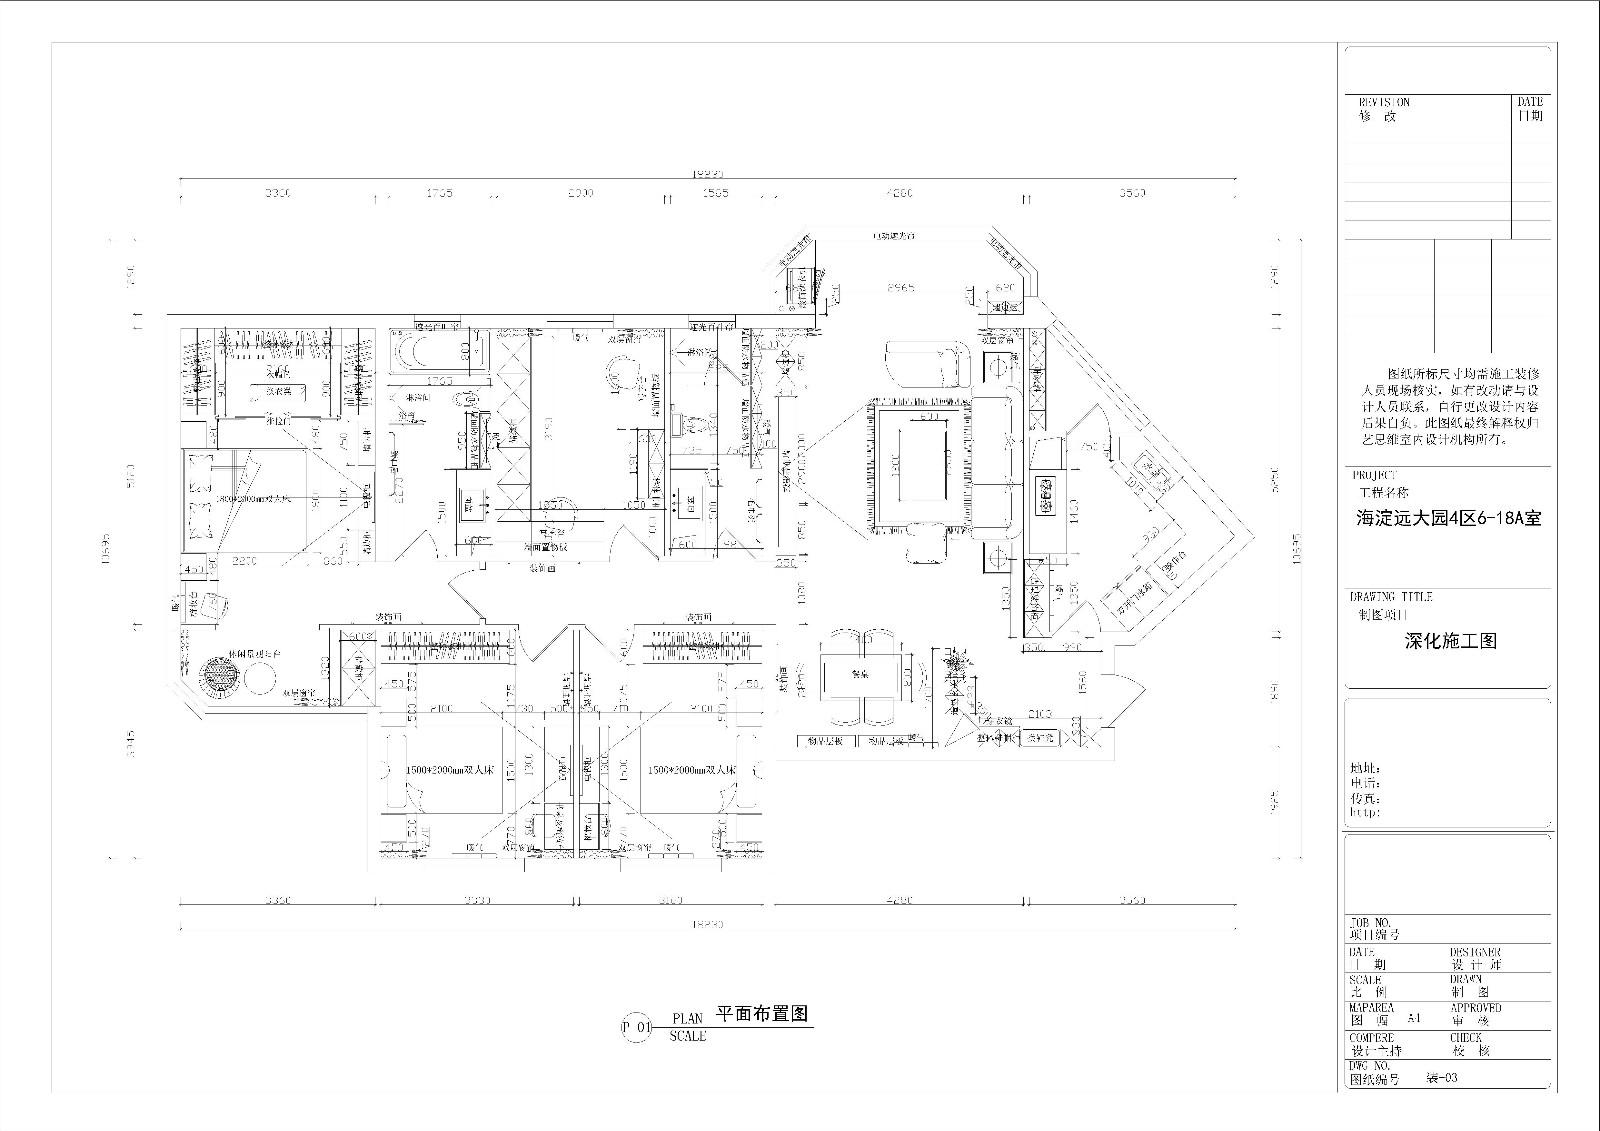 北京海淀远大园——交织平面图